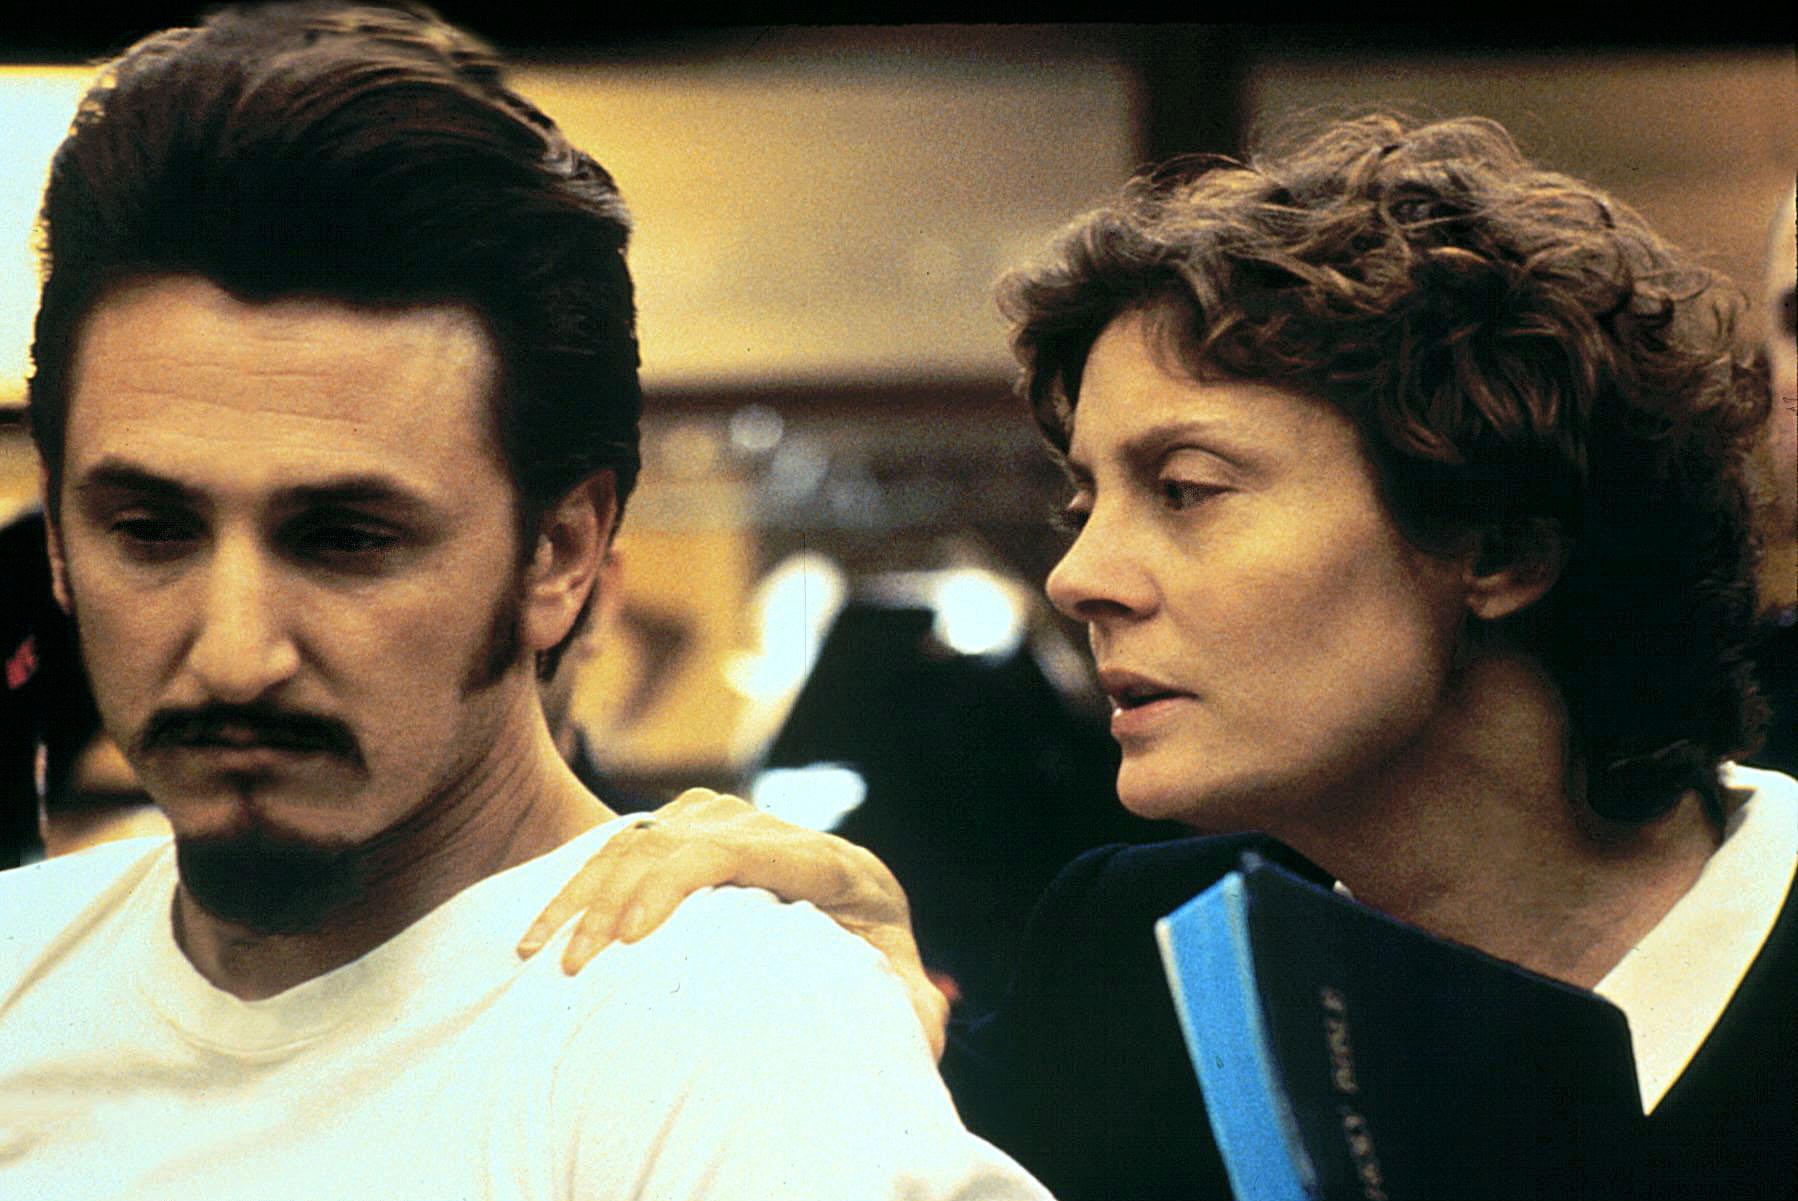 FILM: DEAD MAN WALKING (1995)SUSAN SARANDON AND SEAN PENN IN A